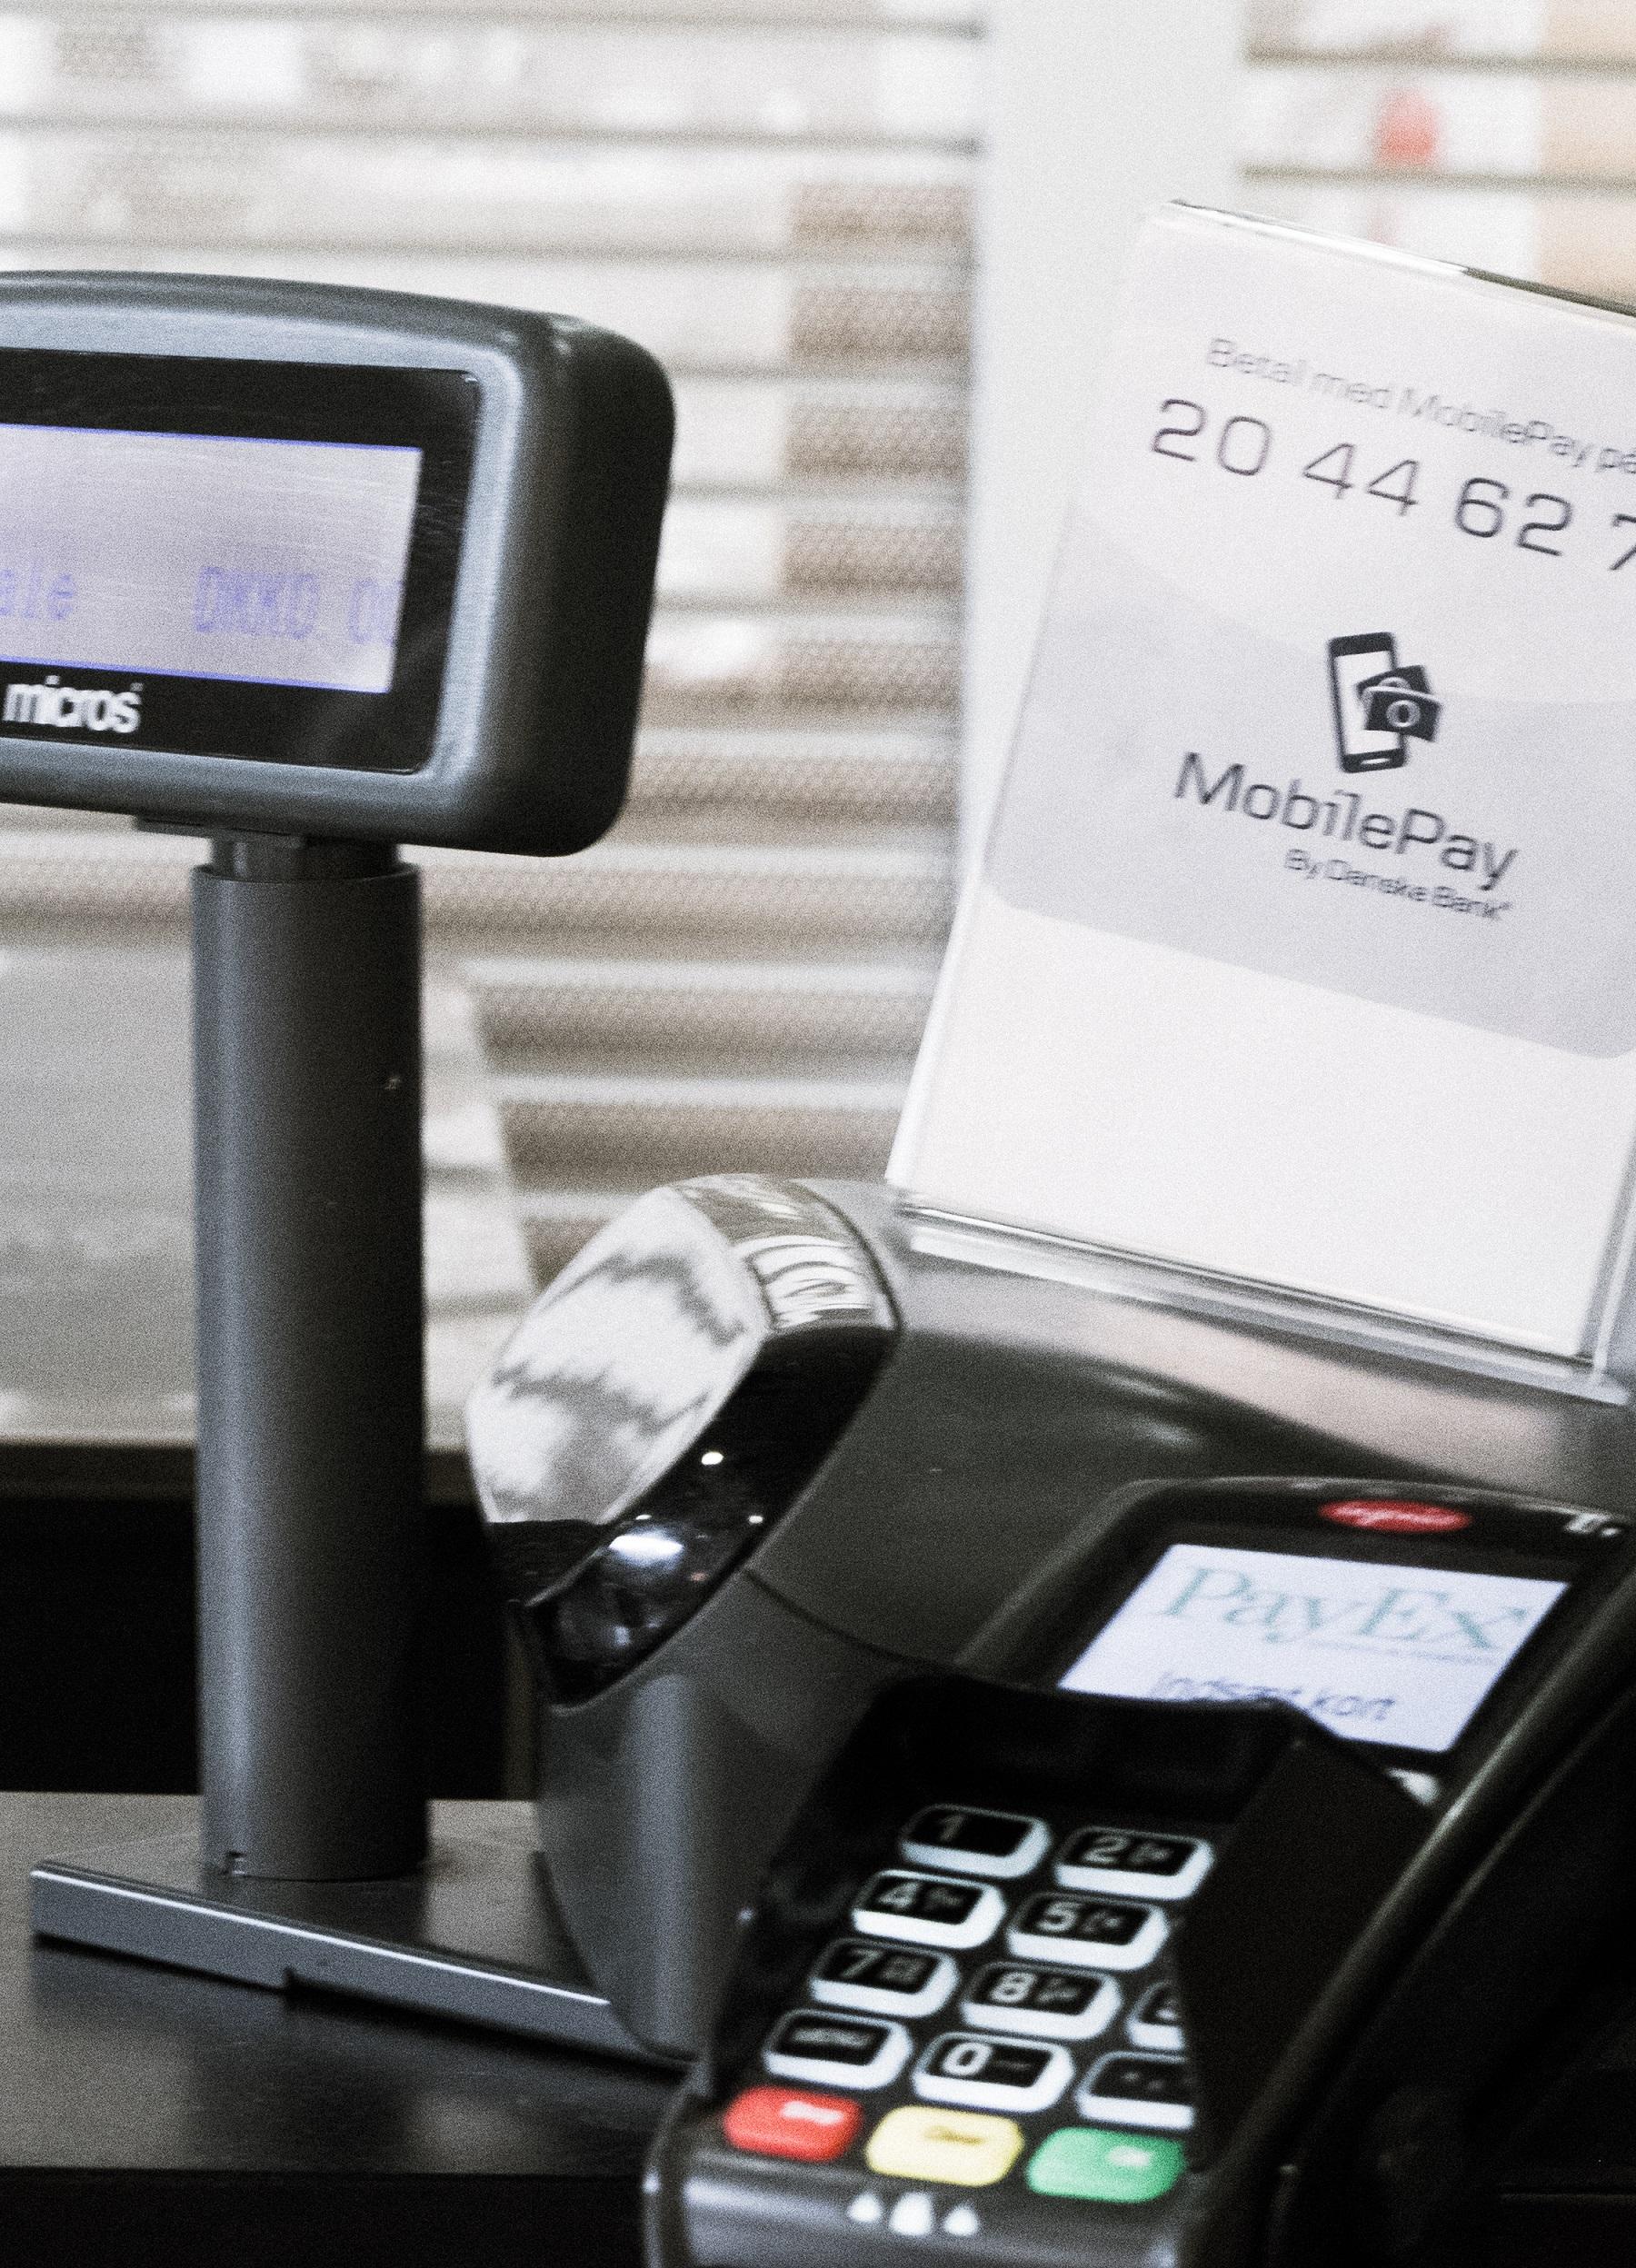 Aplicativos como o Mobile Pay já alcançaram mais de três milhões de usuários na Dinamarca